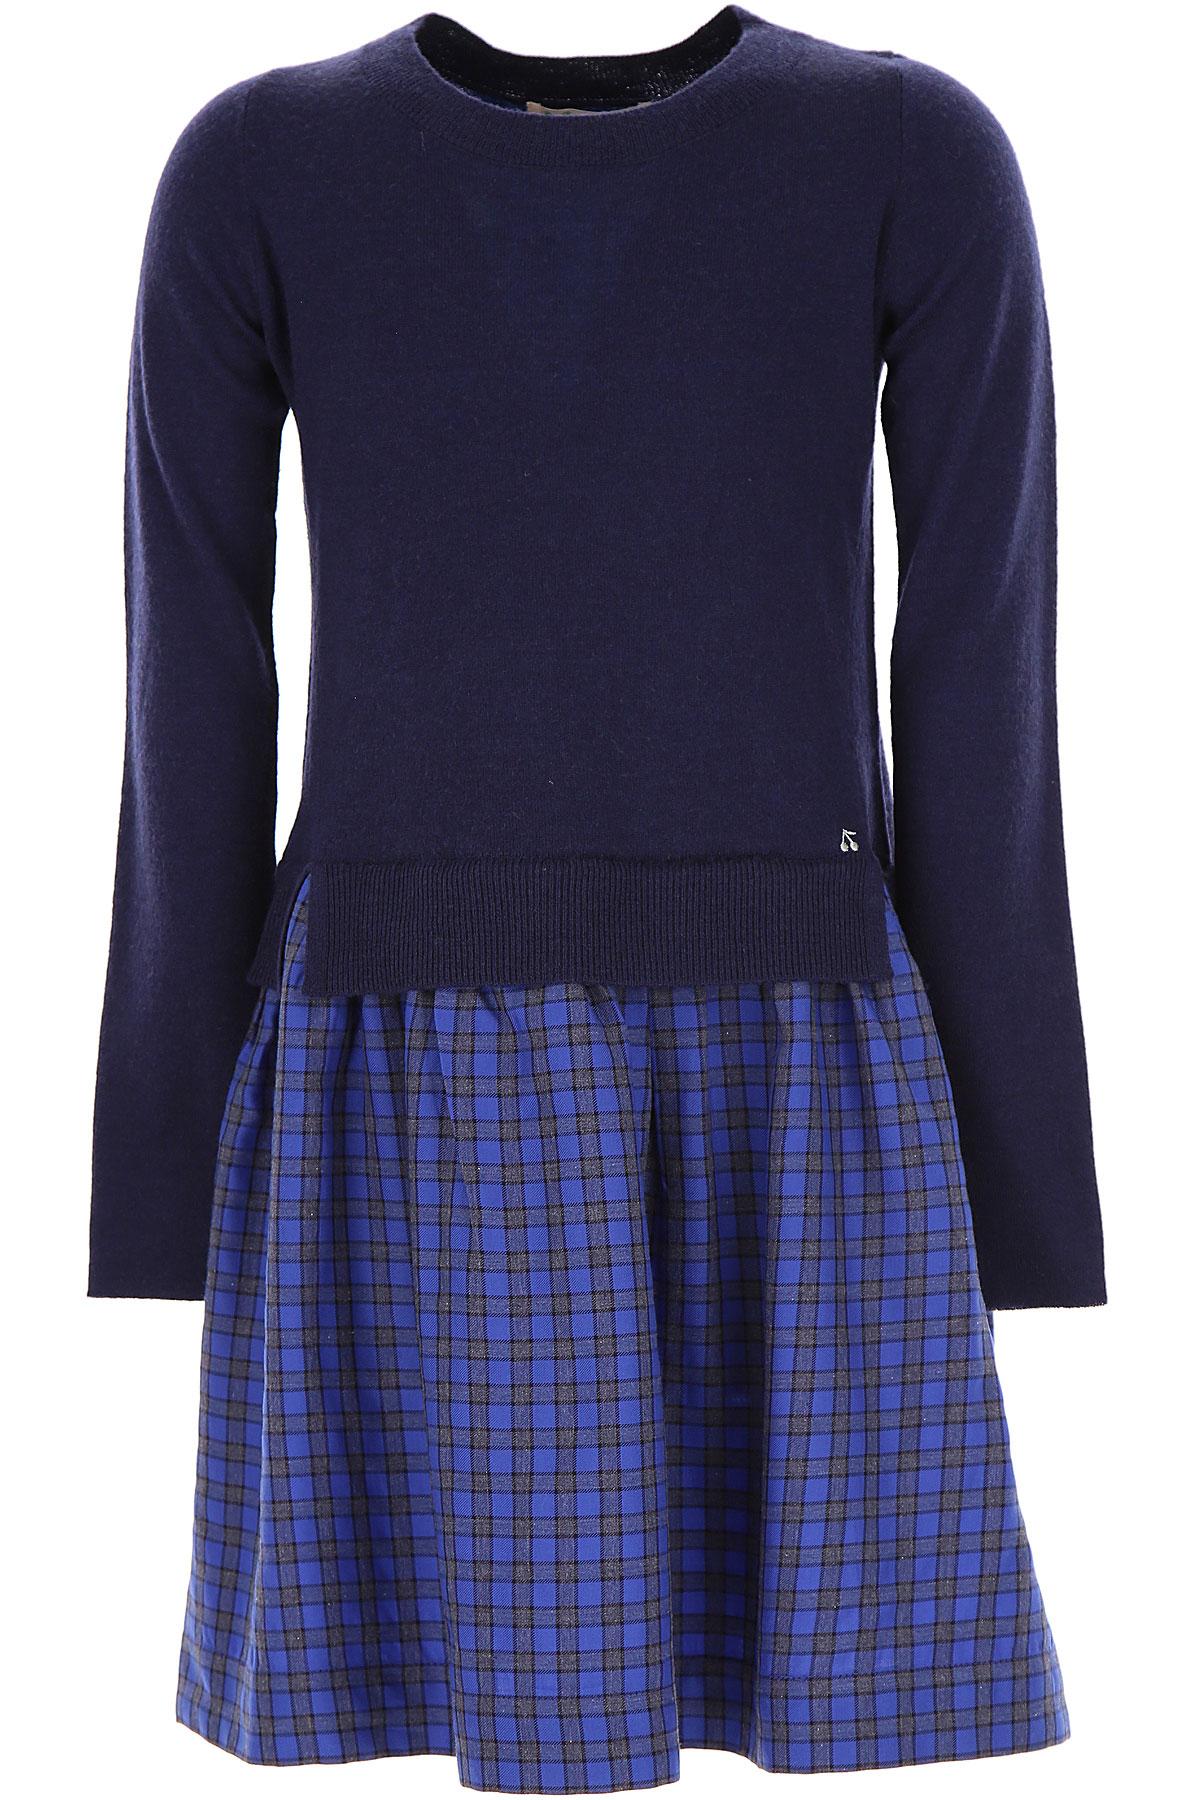 Bonpoint Girls Dress On Sale, Blue, Wool, 2019, 10Y 12Y 4Y 6Y 8Y